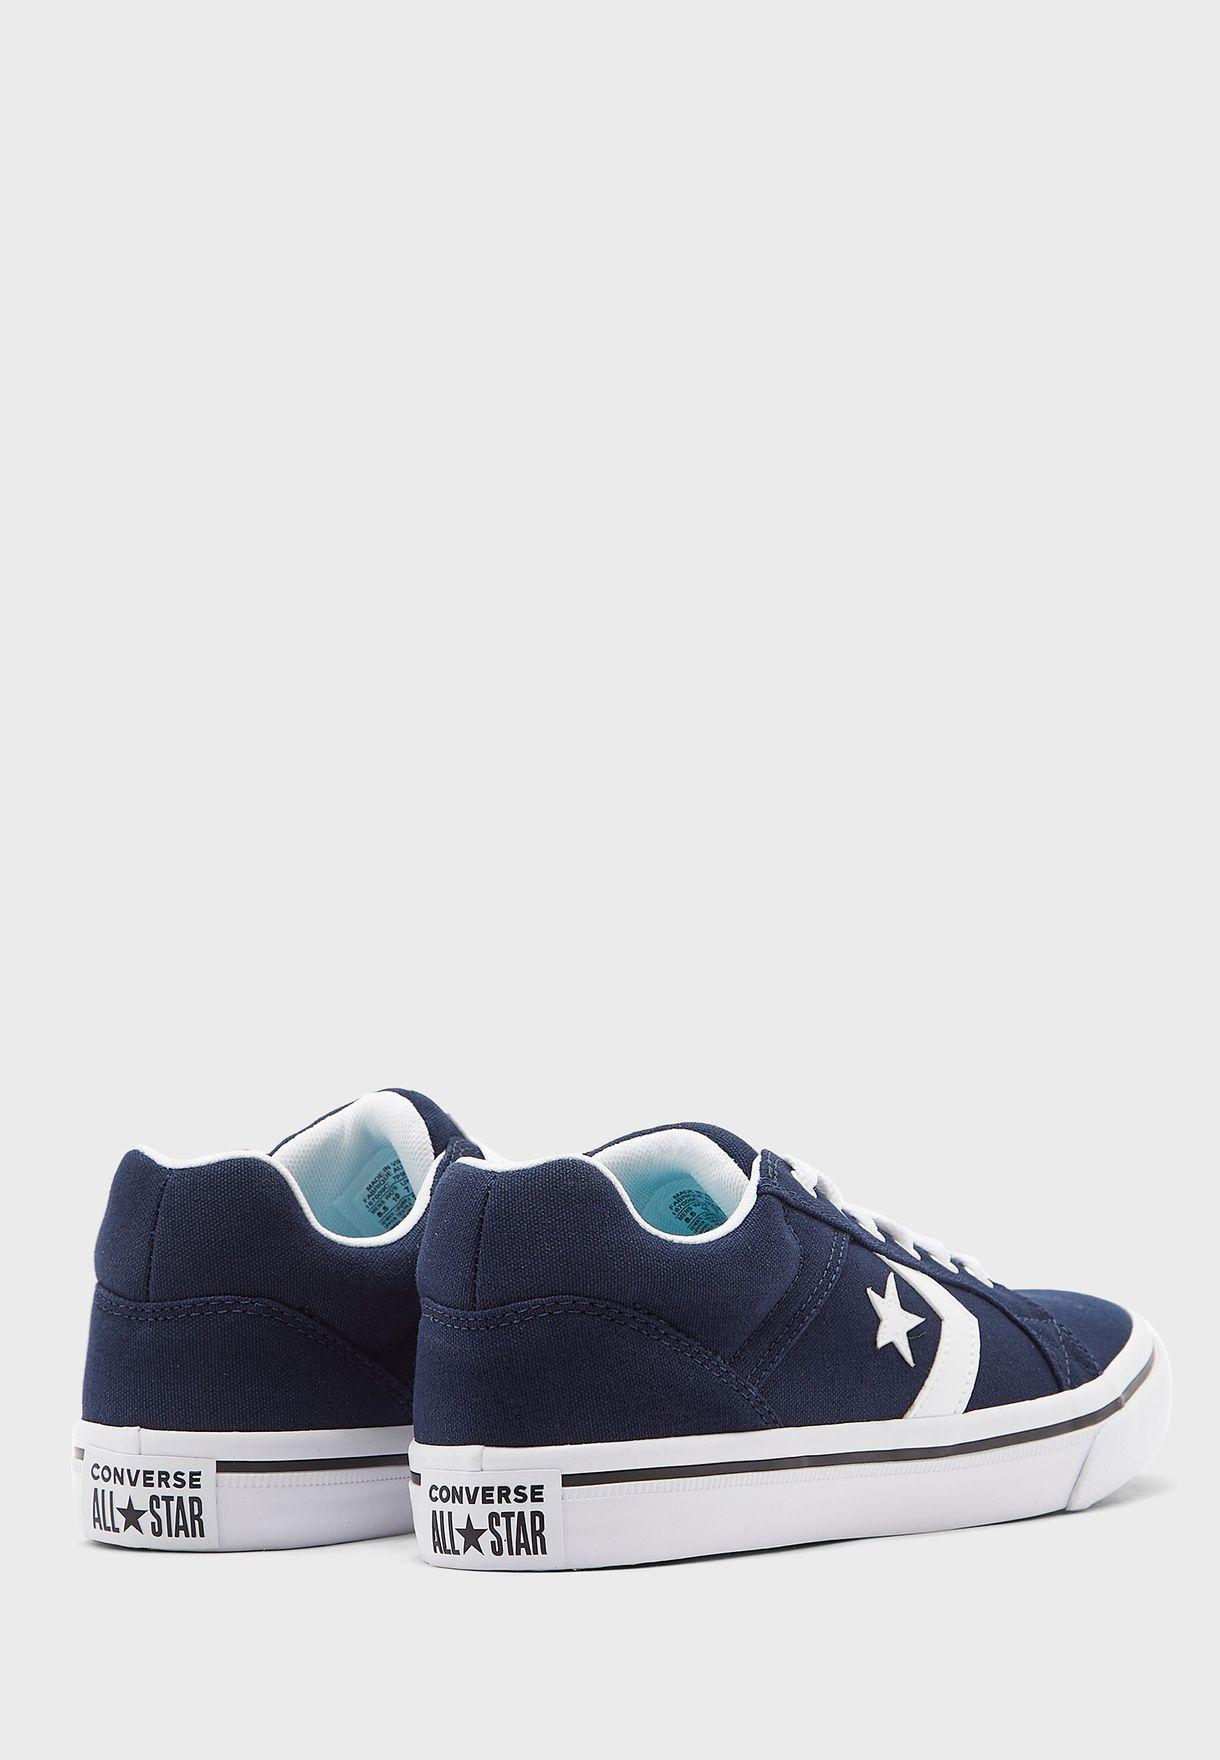 حذاء كونفرس الديستريتو 2.0